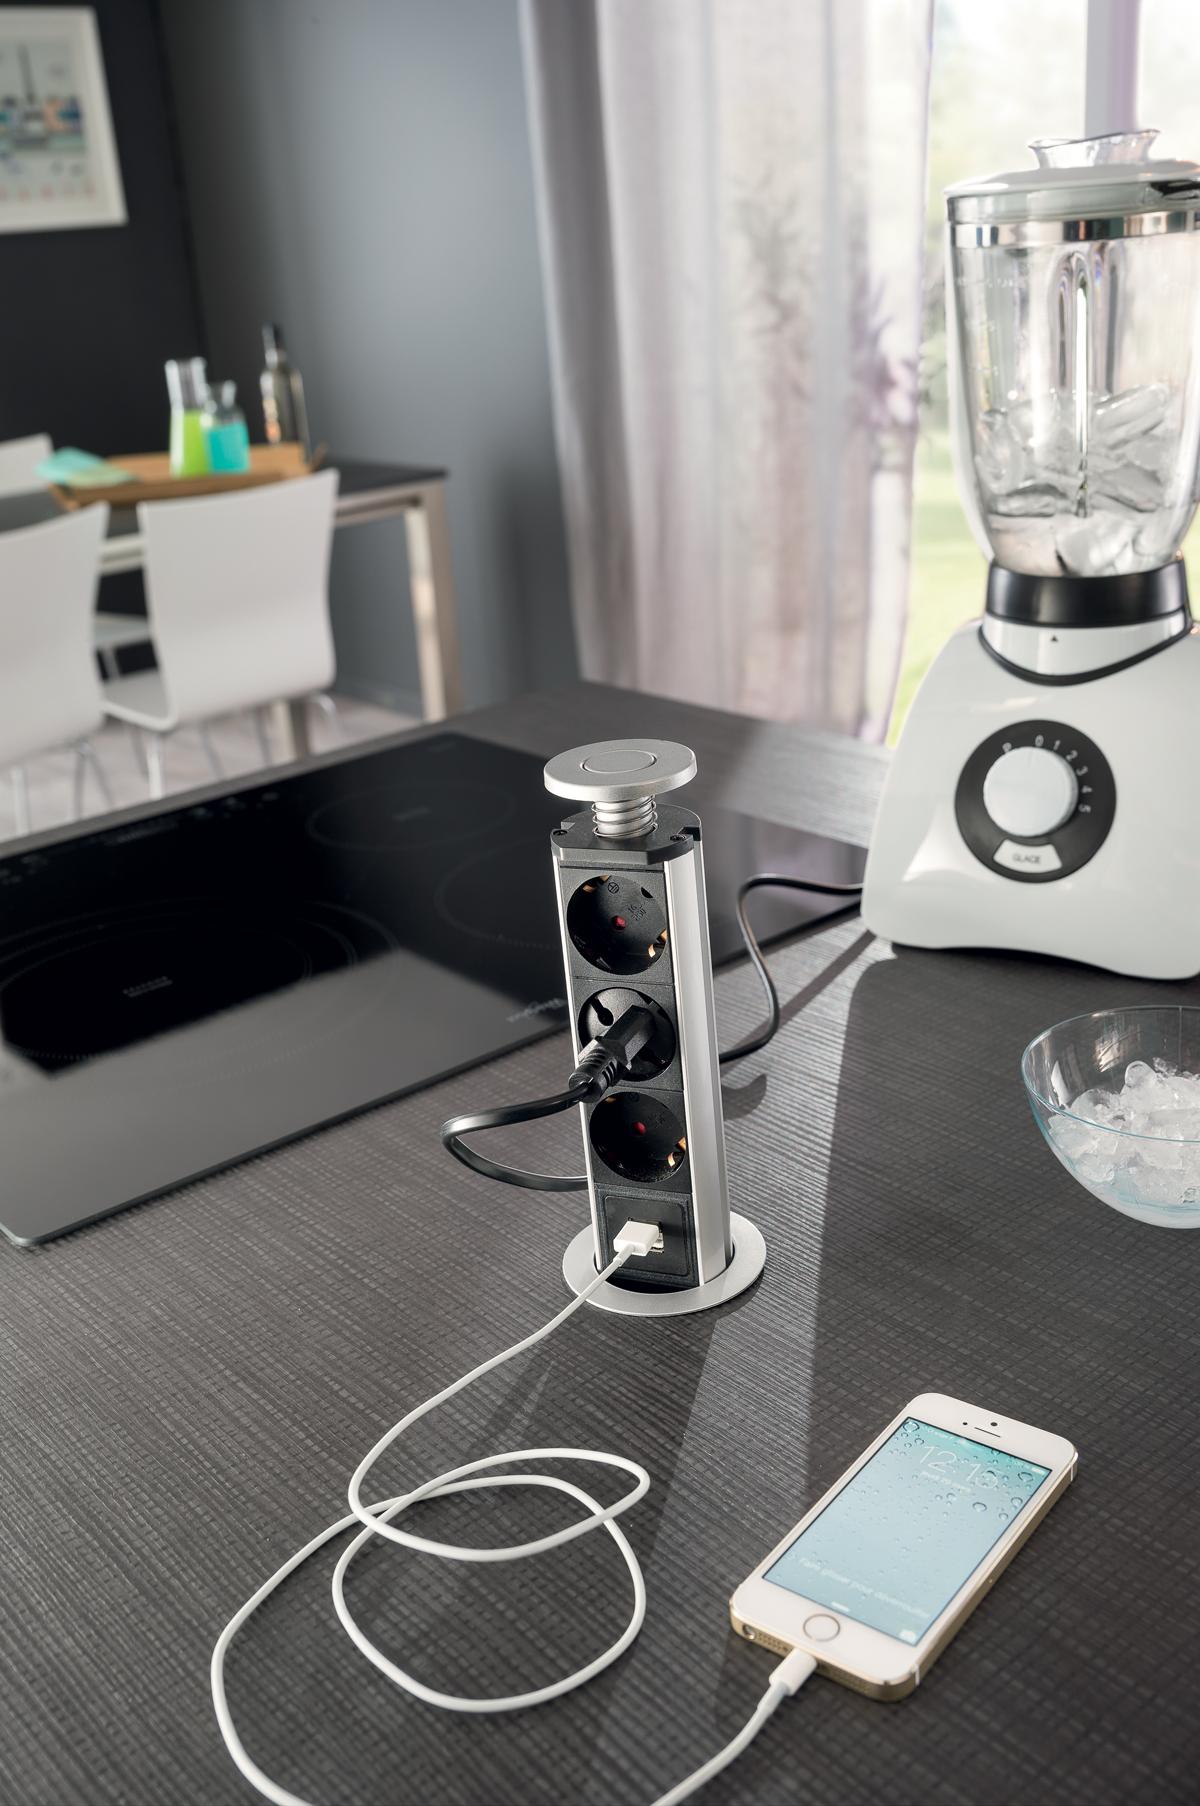 prise de courant ilot cuisine. Black Bedroom Furniture Sets. Home Design Ideas